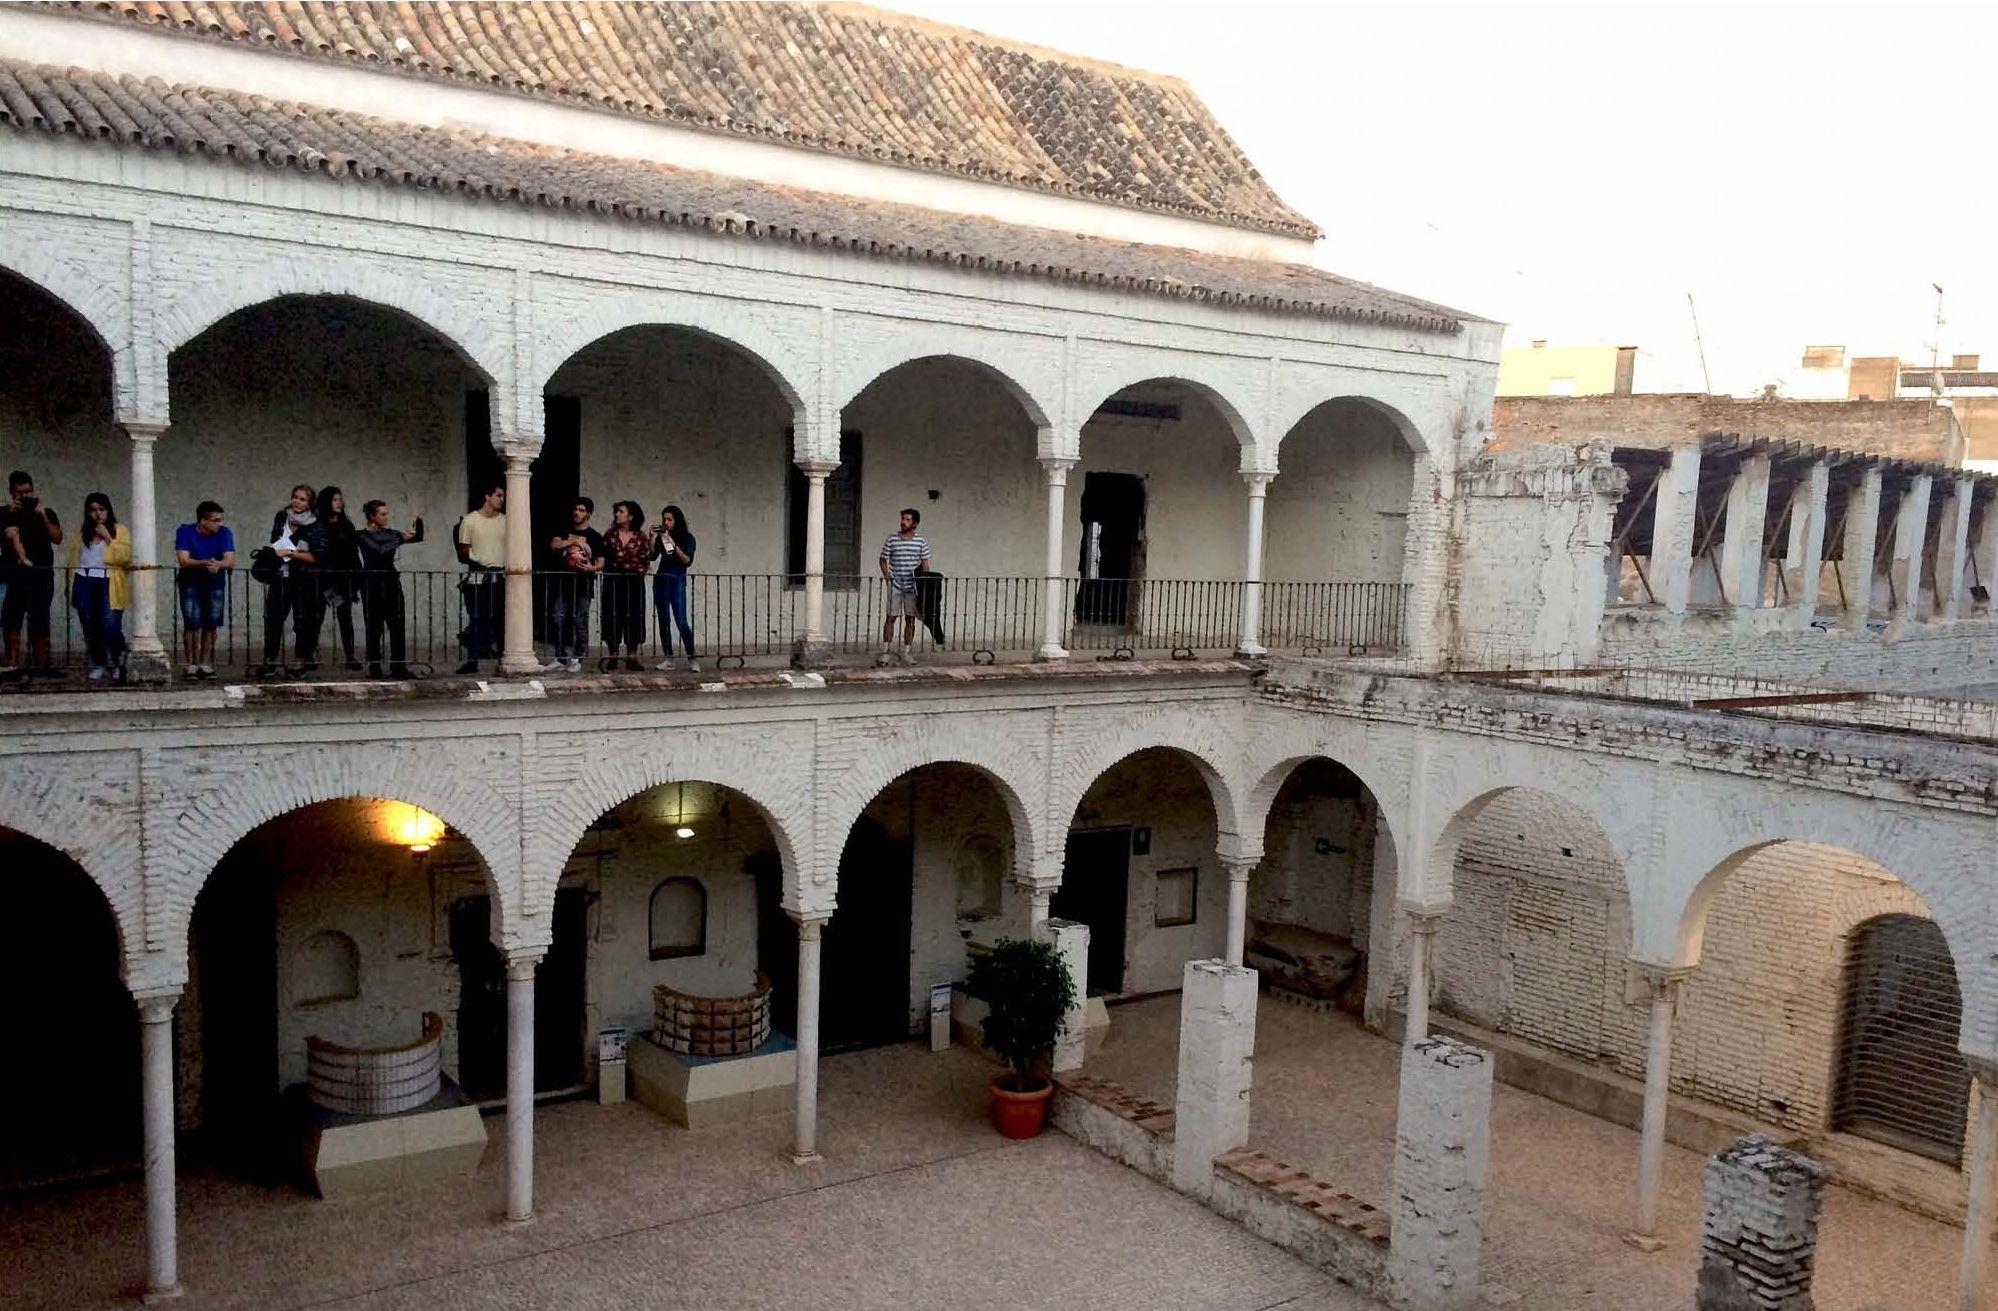 Fotografía visita guiada 3 (Nueva Ventana)